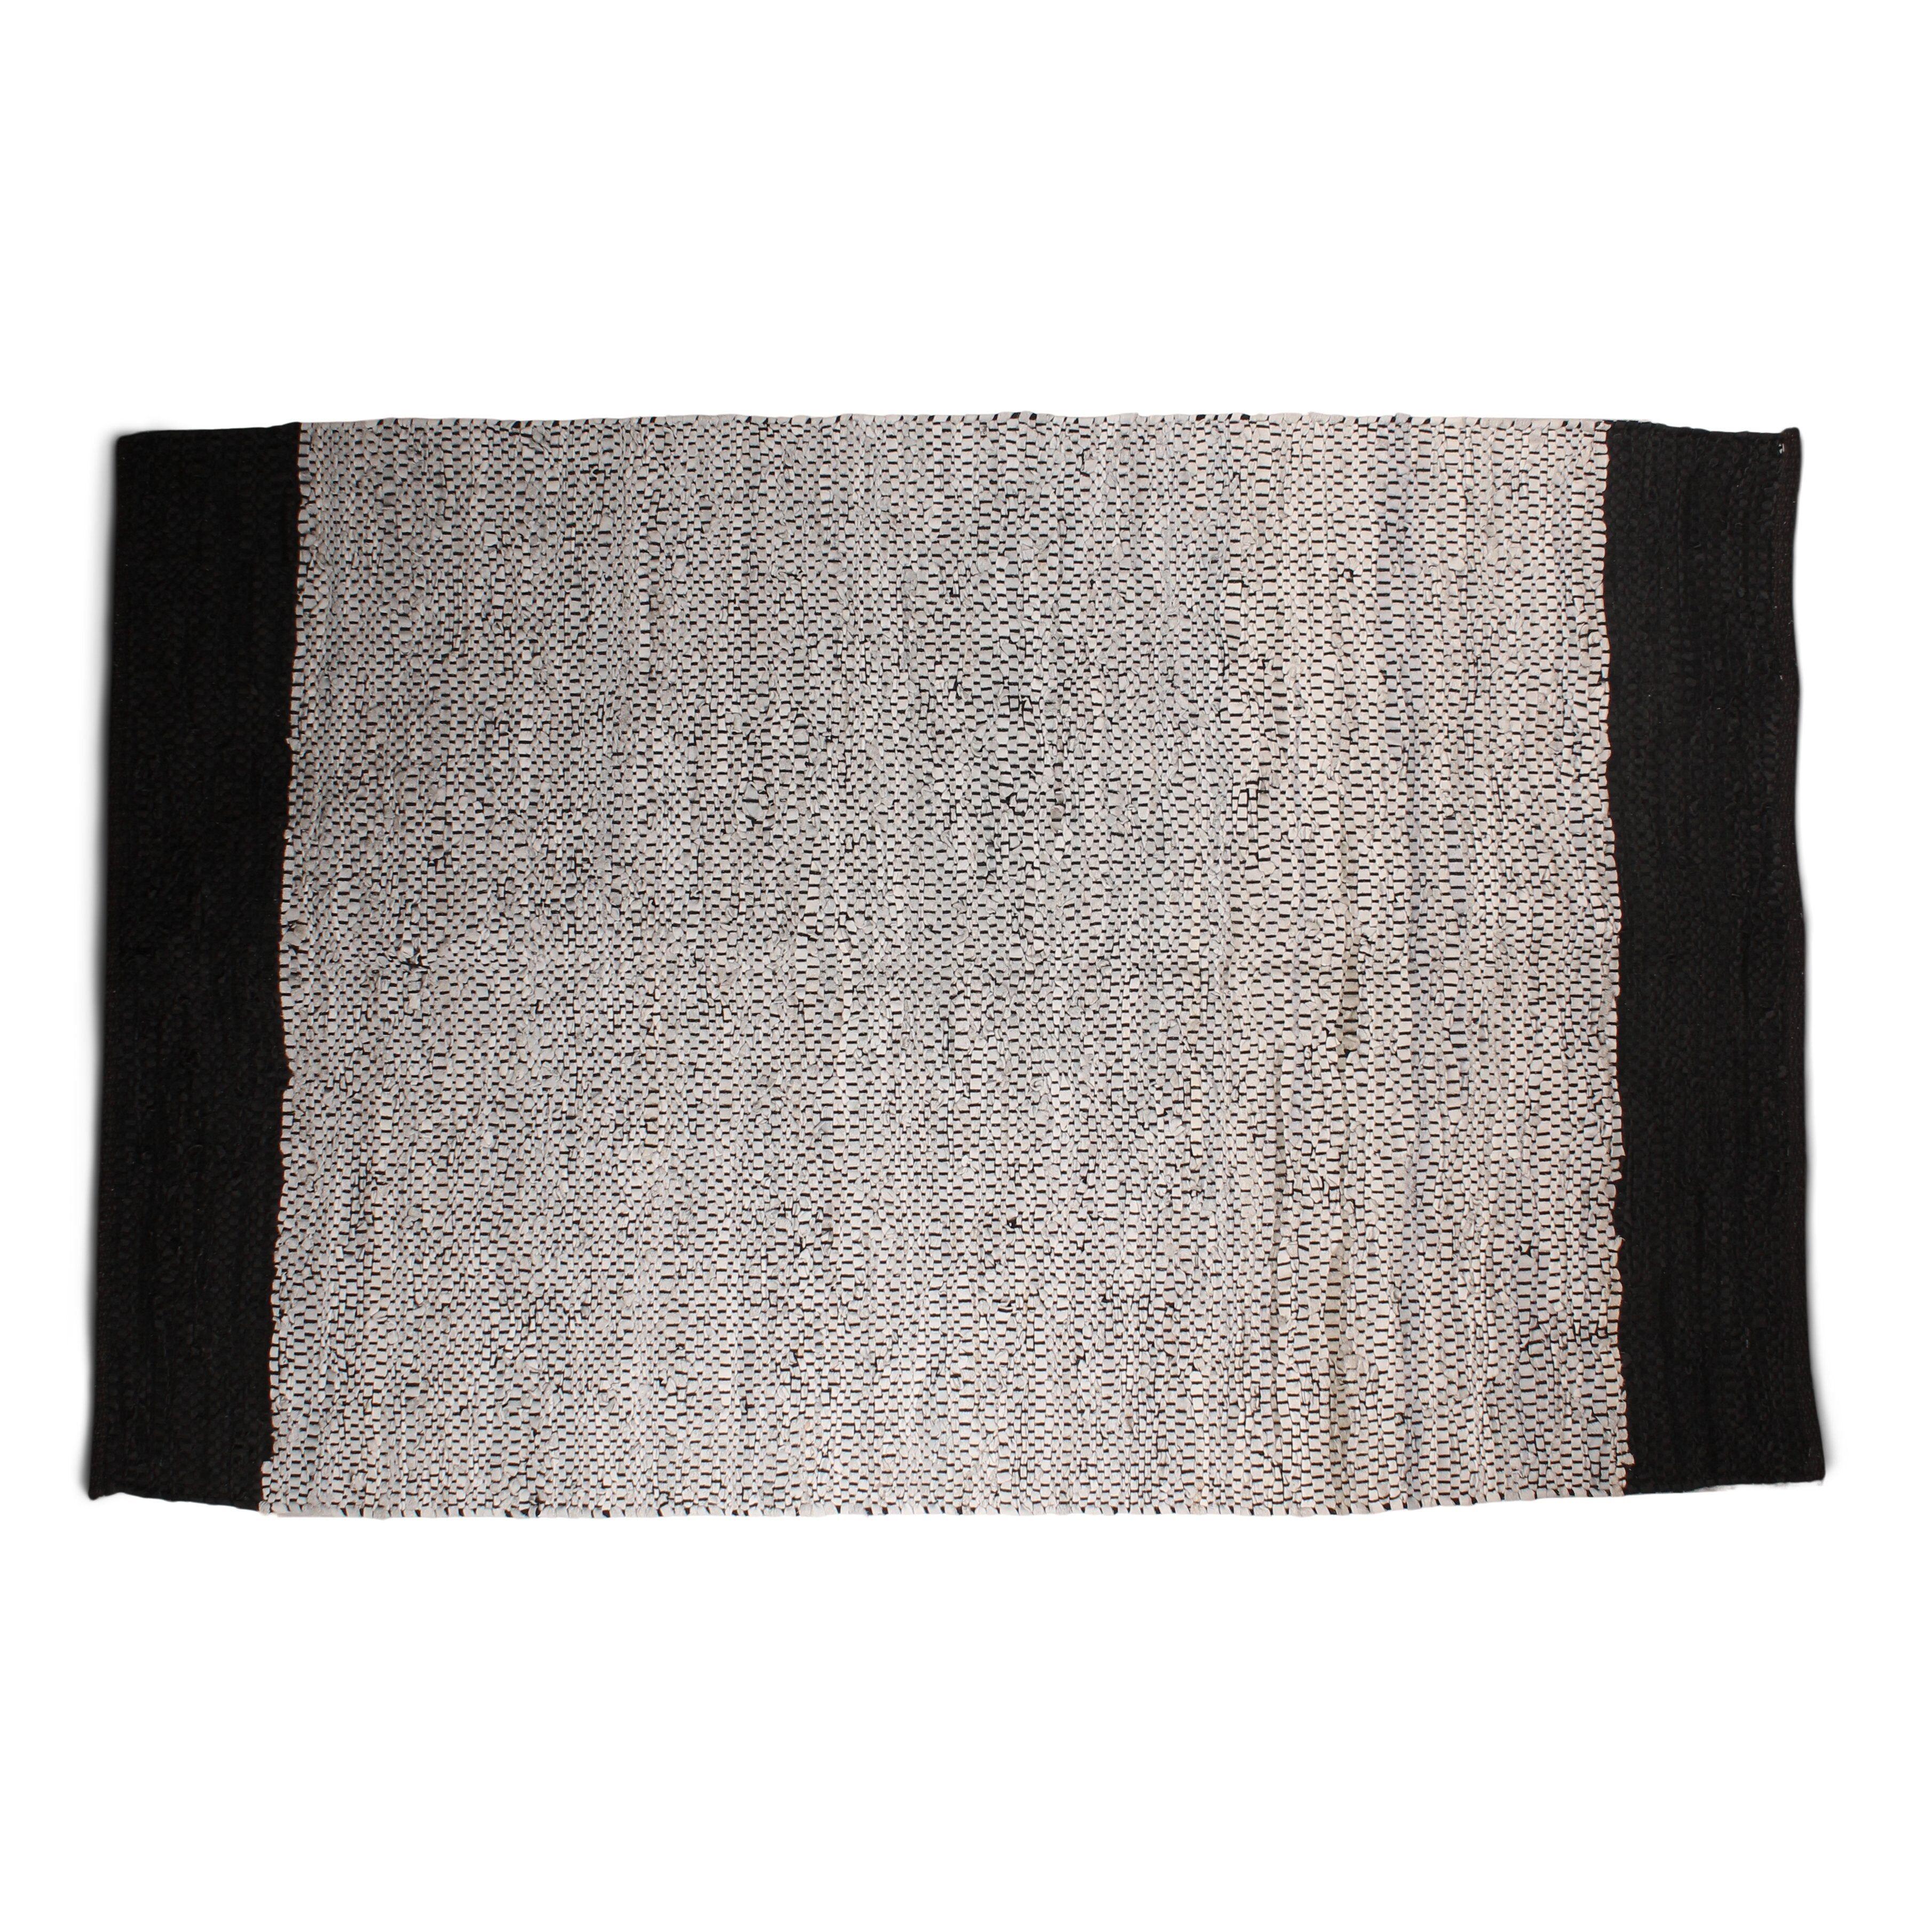 Nimara.dk Parma læder tæppe af genbrugsmaterialer 240 x 180 - Grå/sort